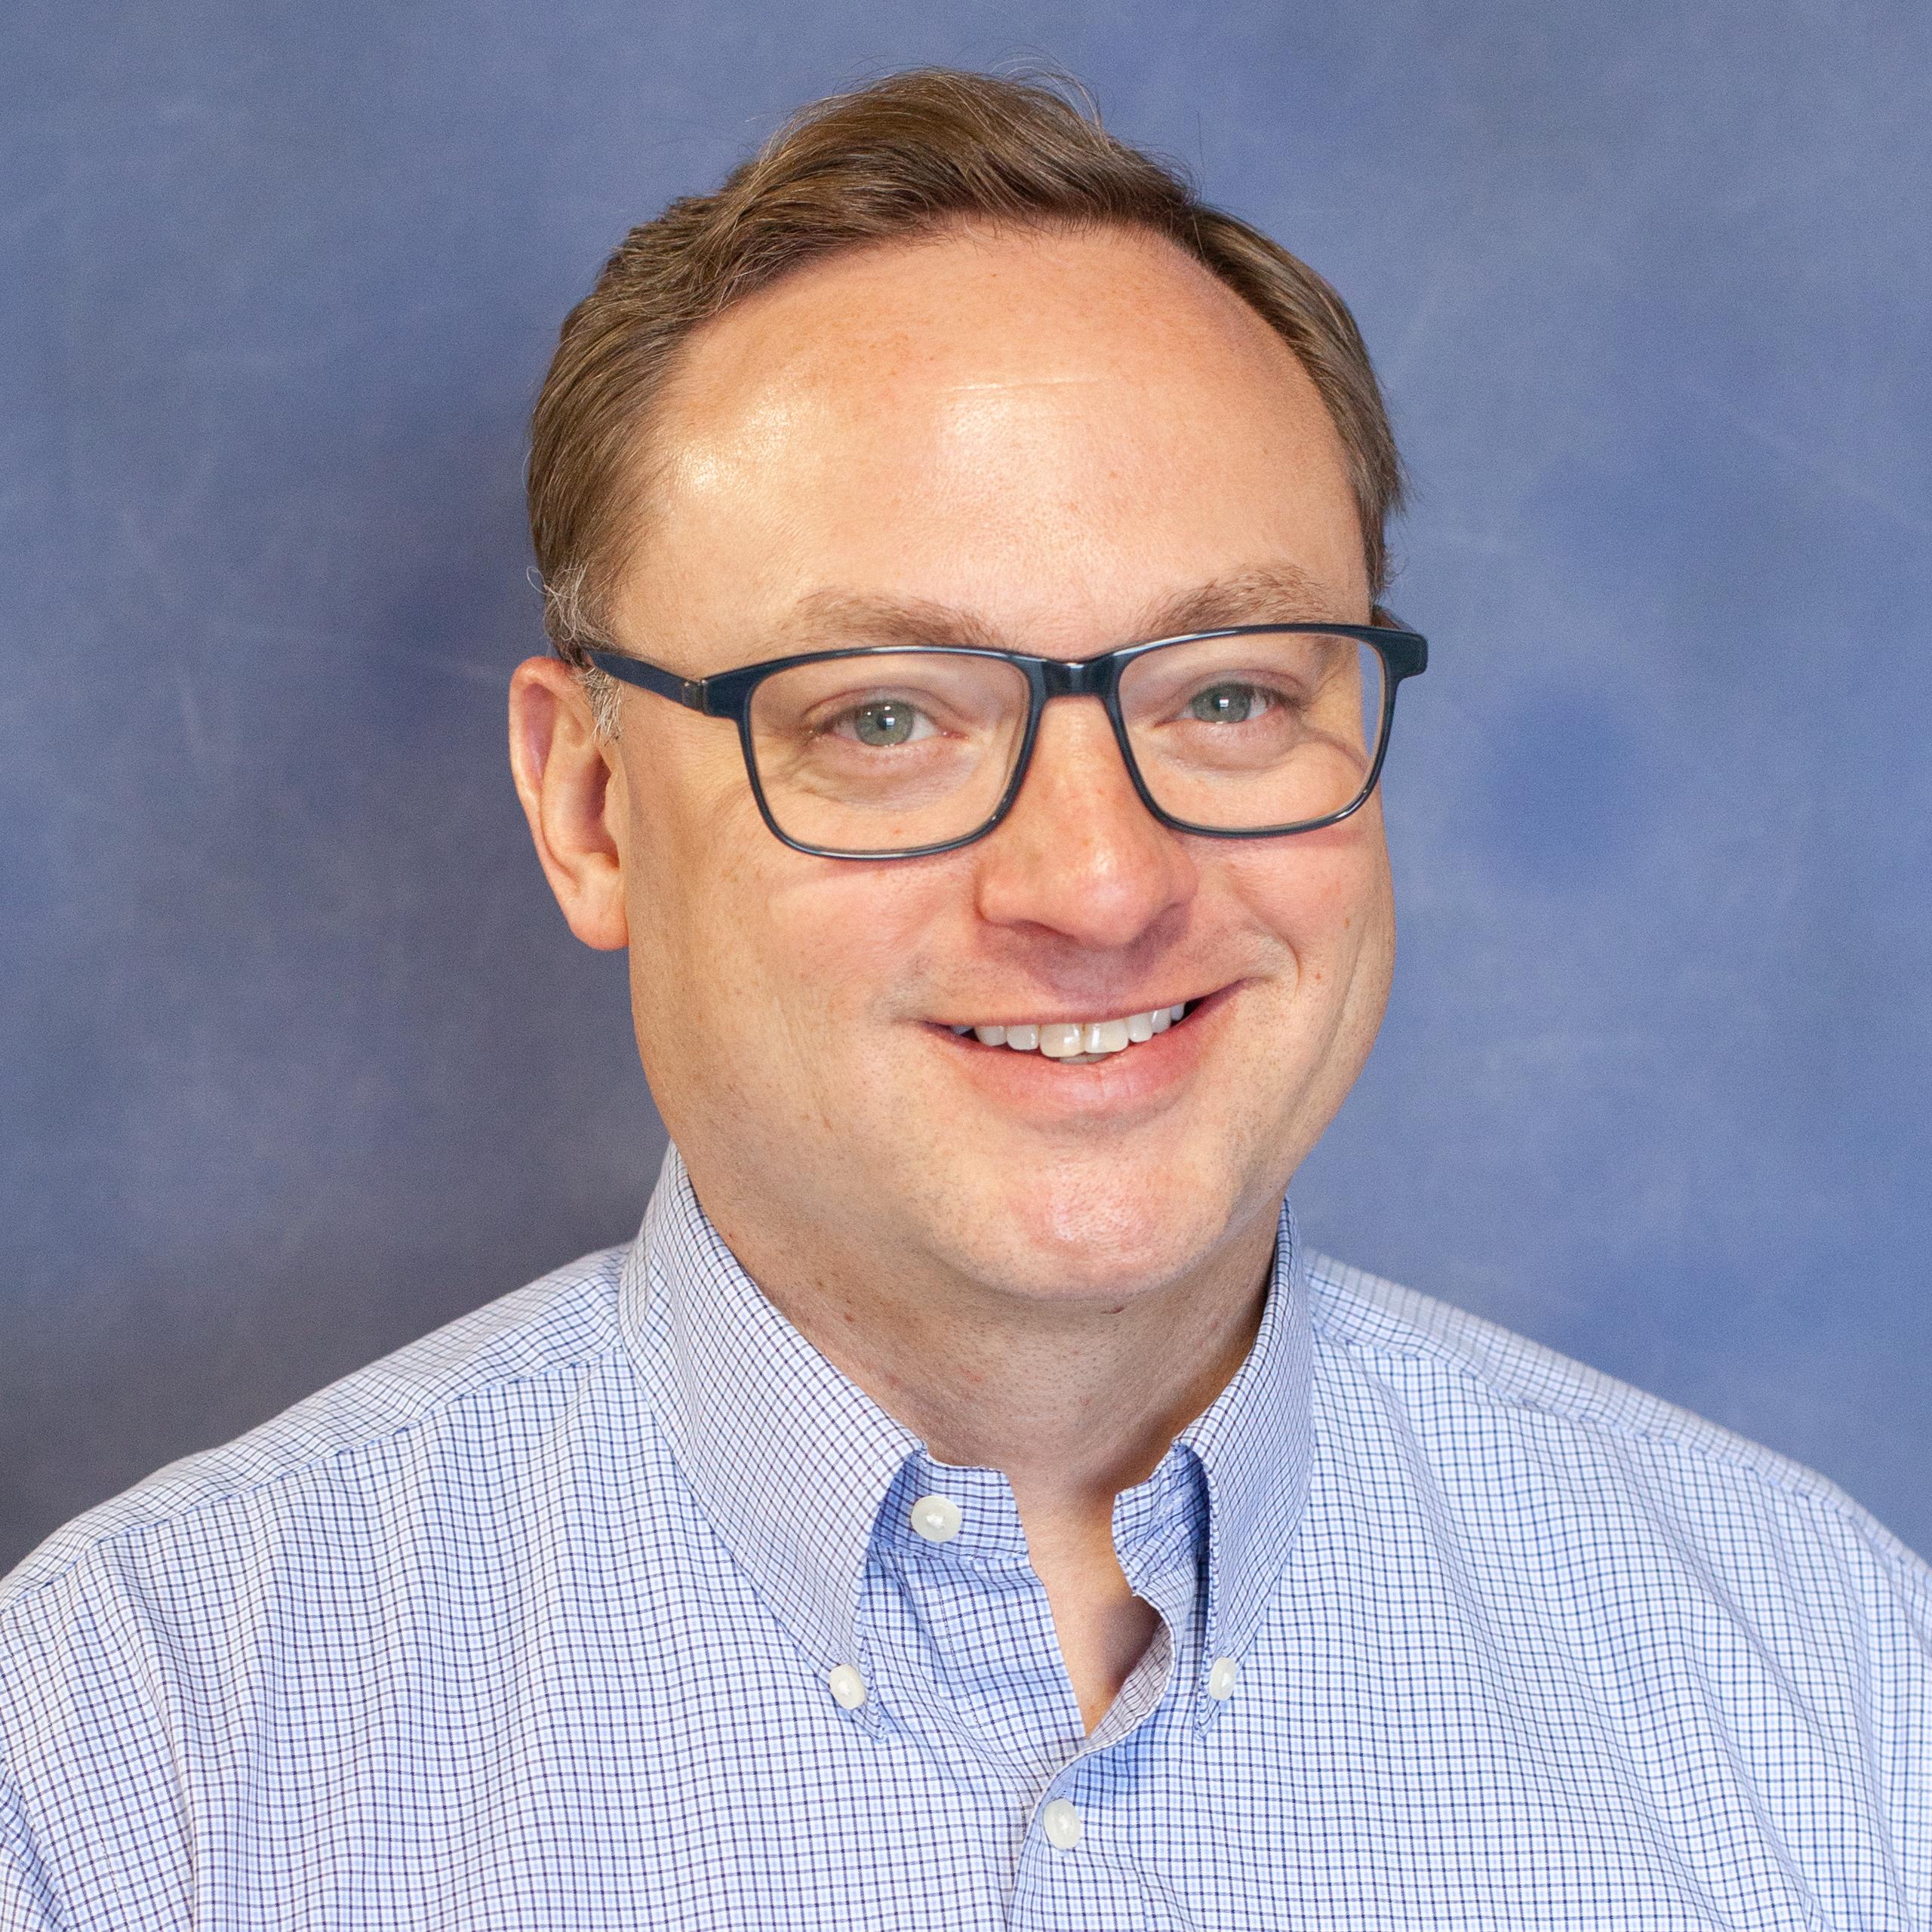 Jason Gilbreath